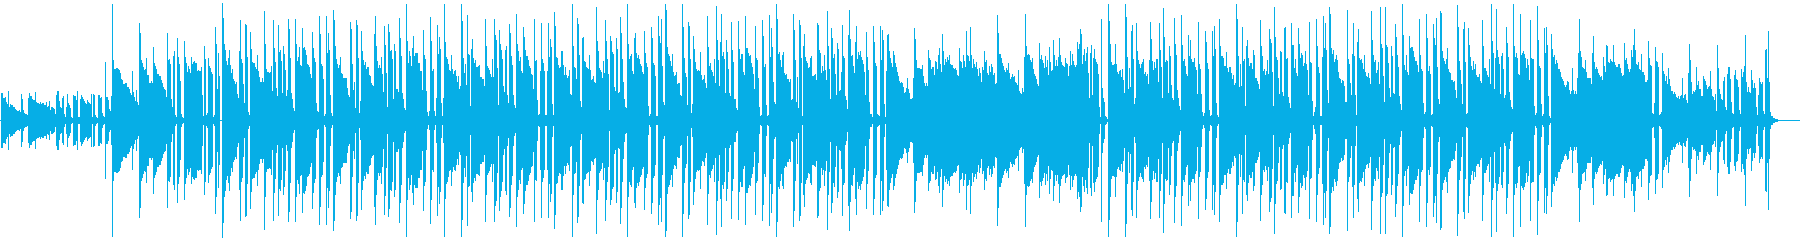 【チルアウト】穏やかで少し切ない映像に〇の再生済みの波形